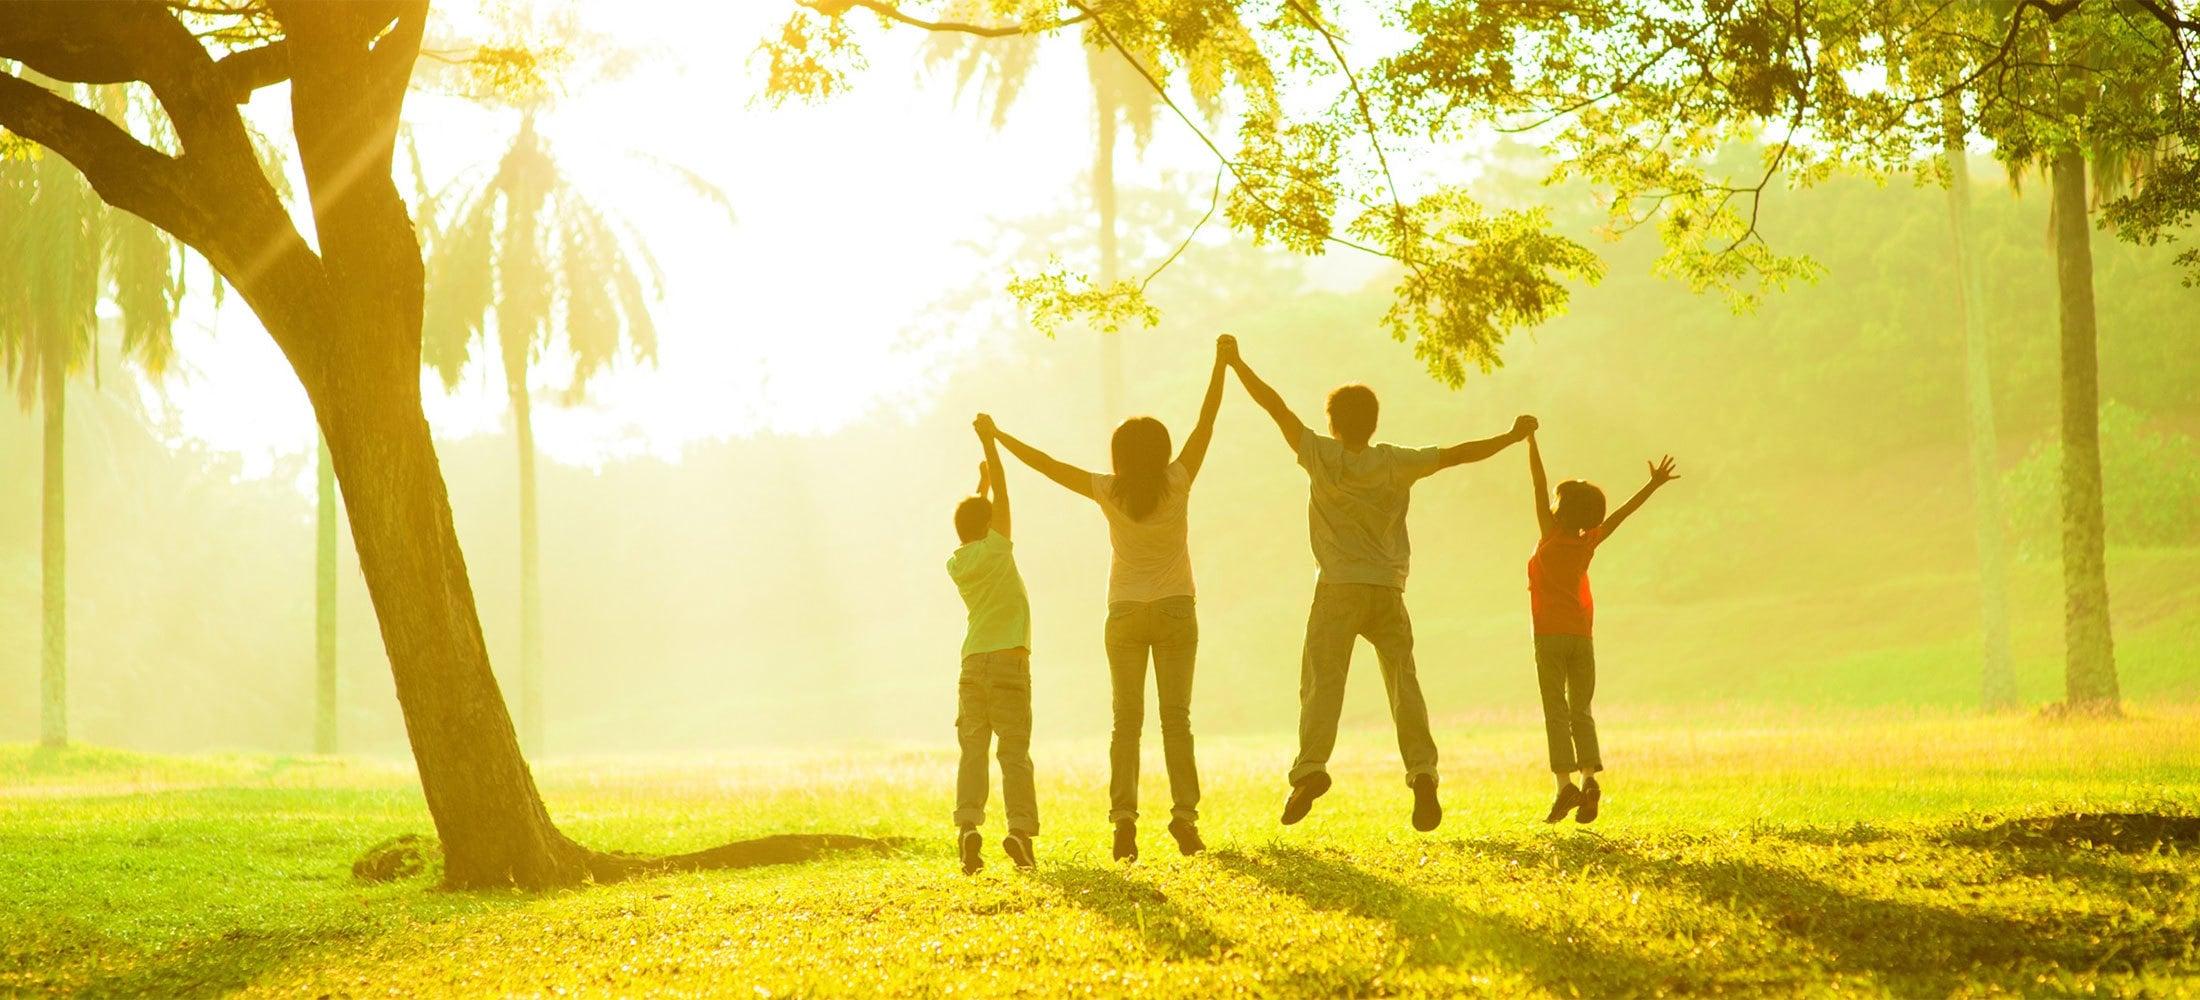 زندگی کو بہتر بنائیں ان 22 مثبت تبدیلیوں کے ساتھ